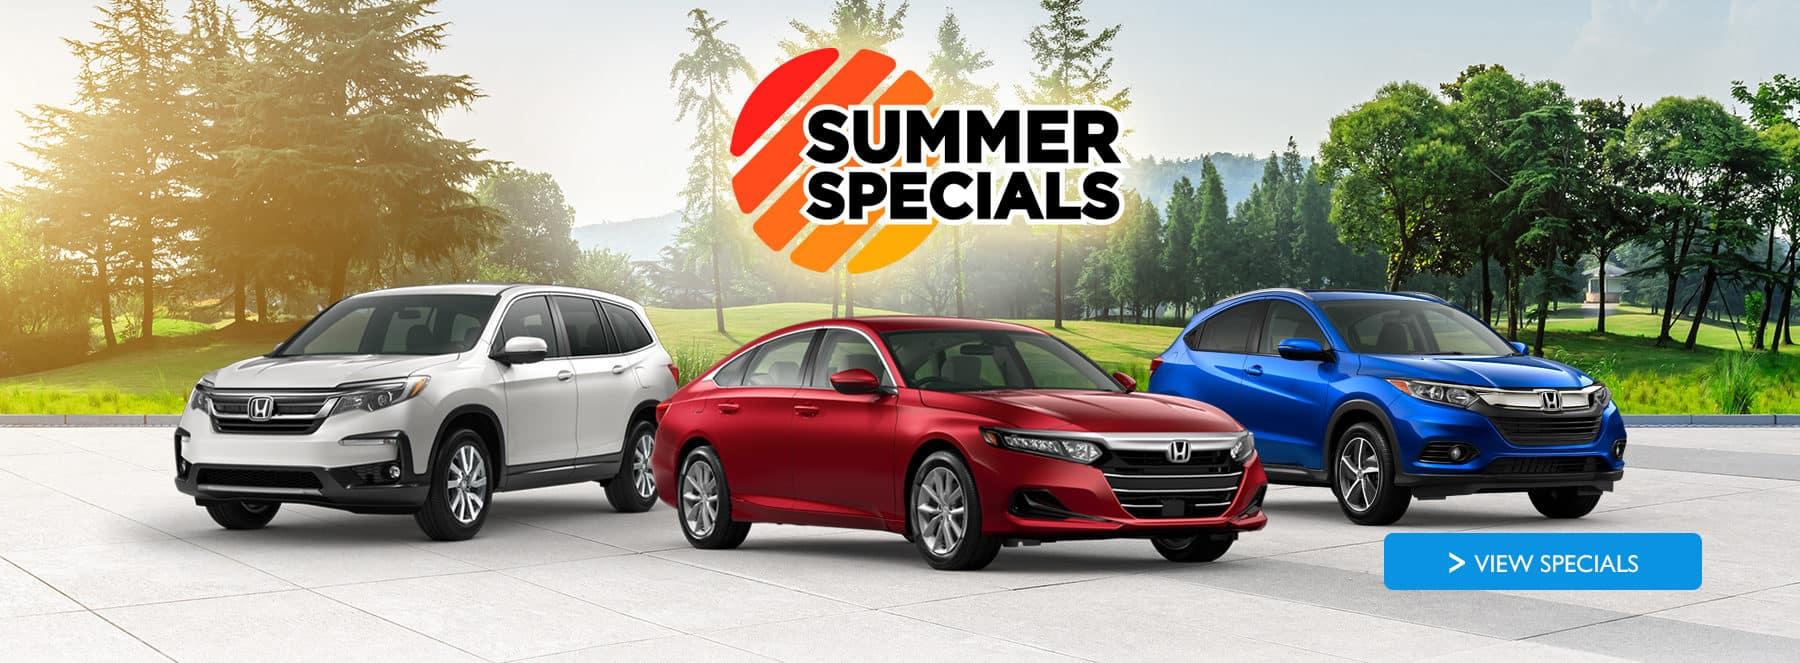 Summer Specials at Holman Honda